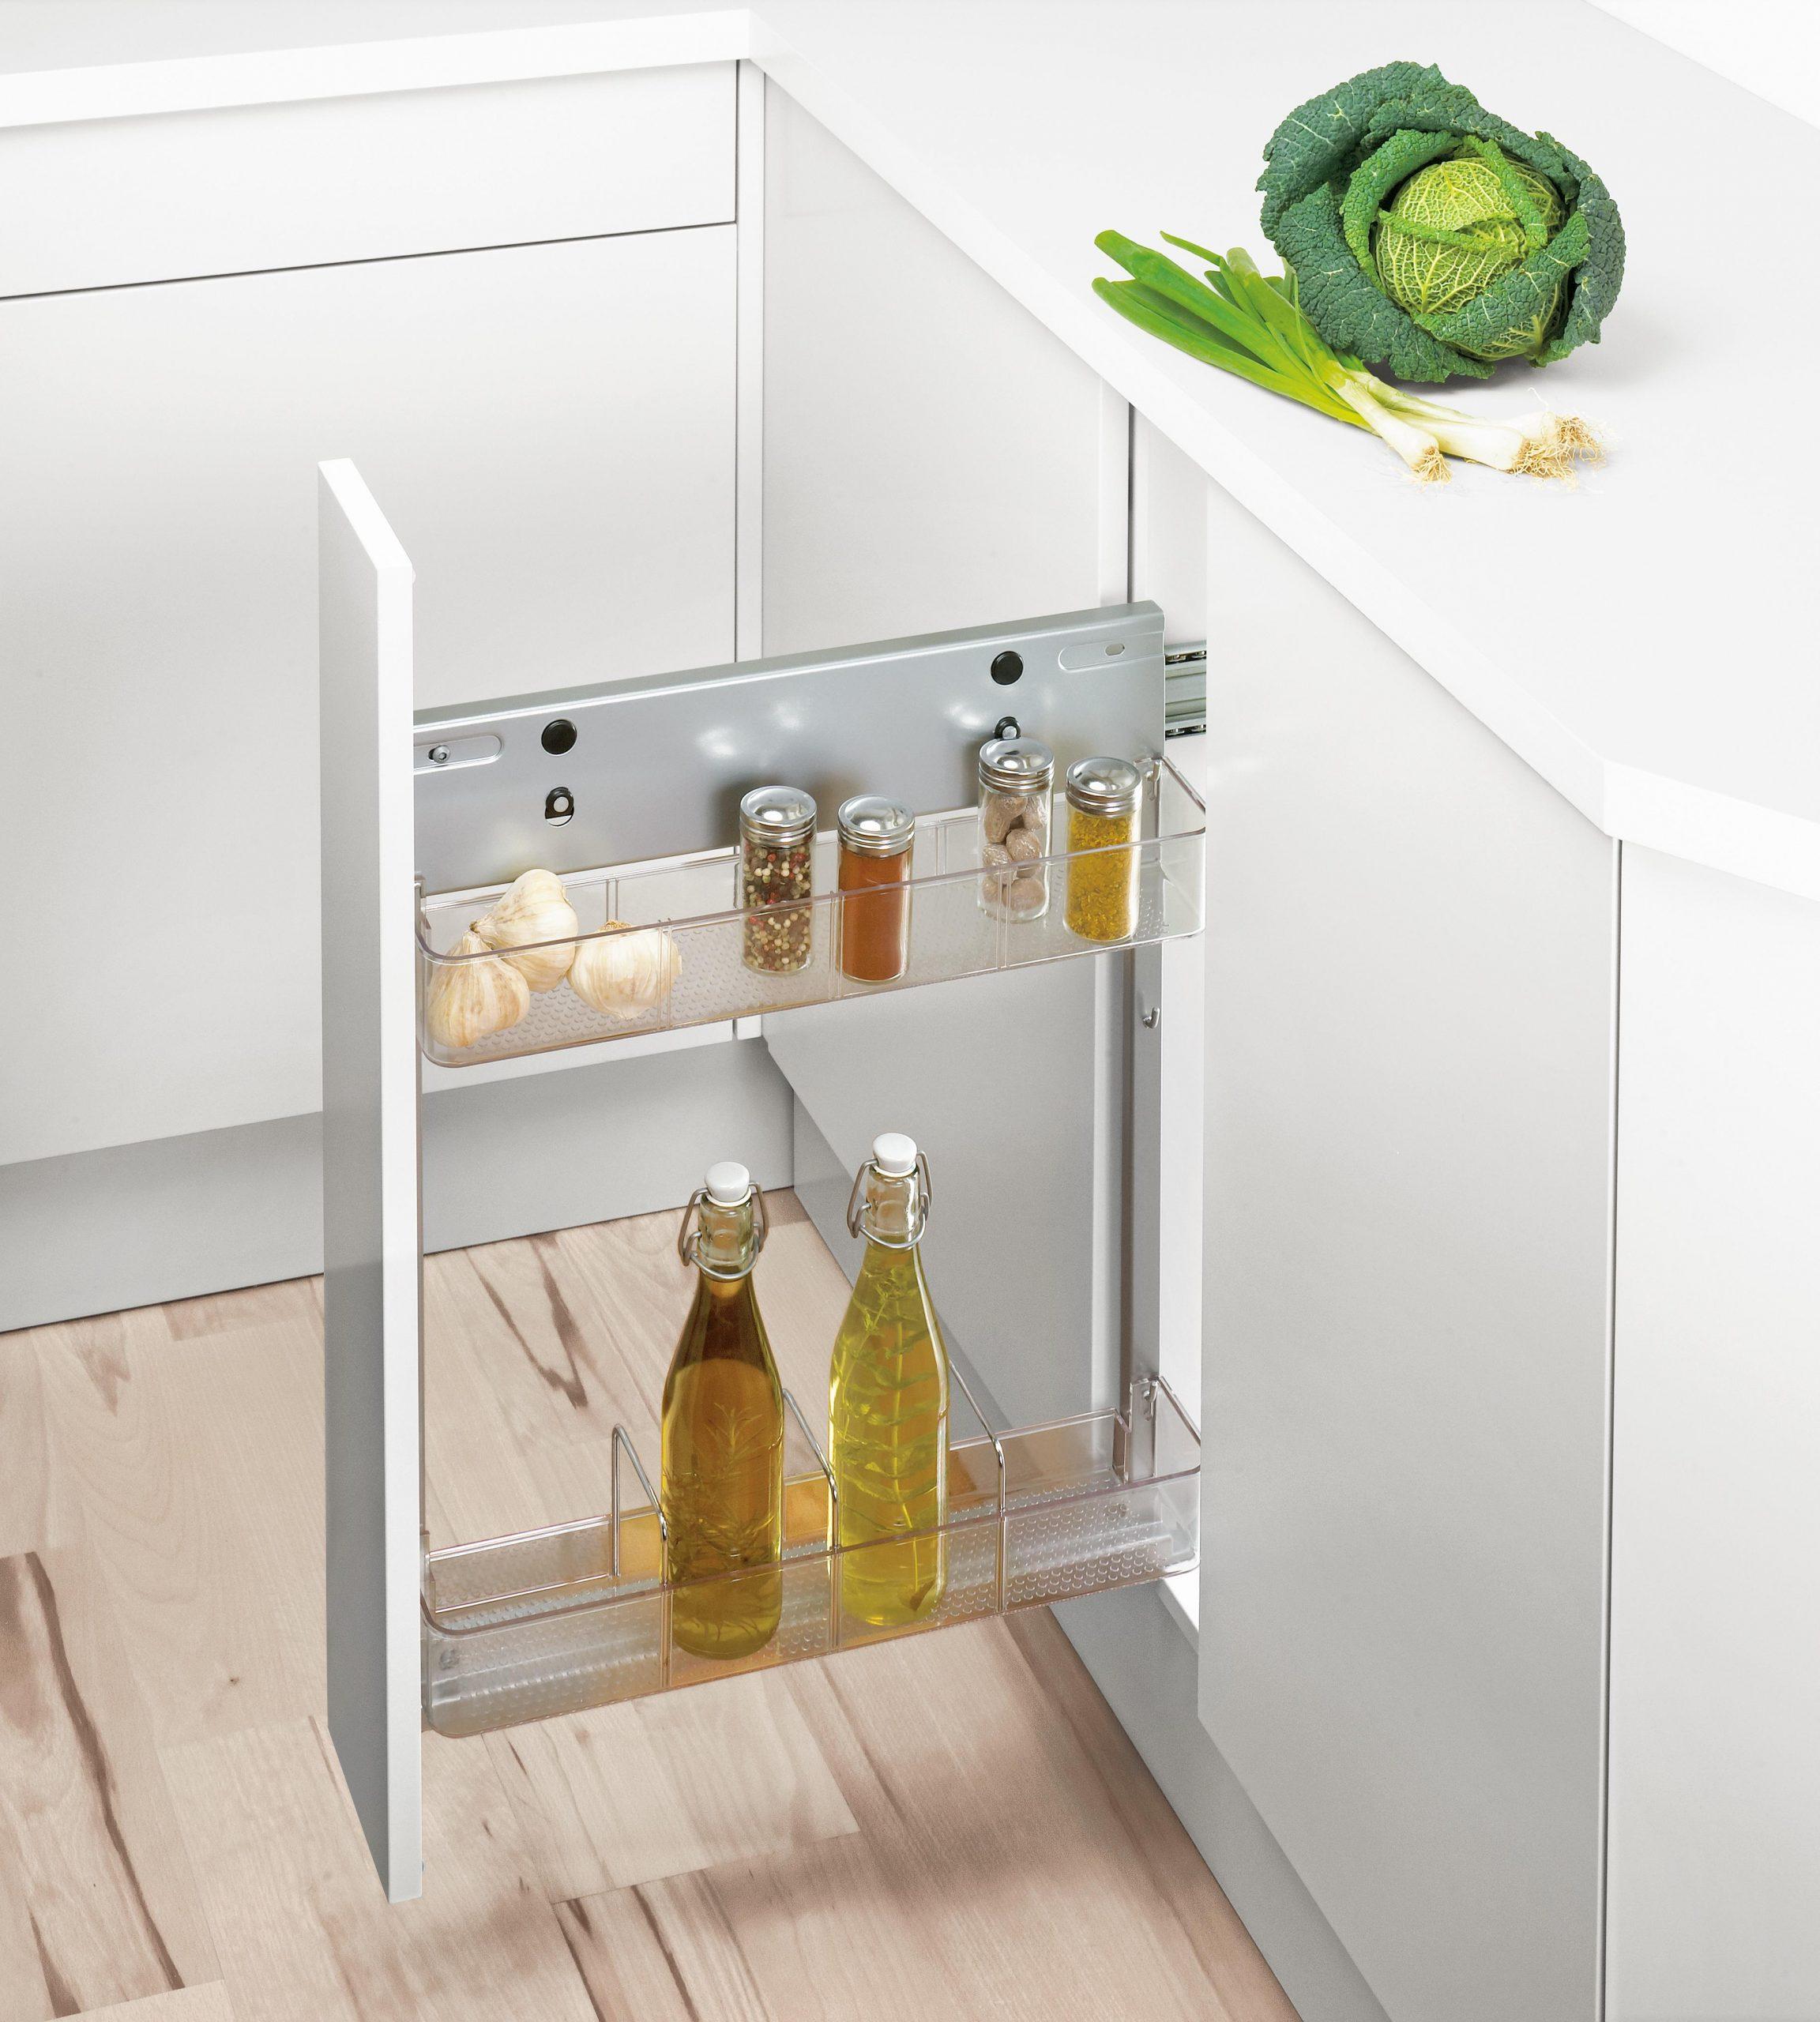 Full Size of Eckunterschrank Küche 100 Cm Ikea Kuche Eckunterschrank Karussell Eckunterschrank Küche 110x60 Eckunterschrank Küche 80 X 60 Küche Eckunterschrank Küche